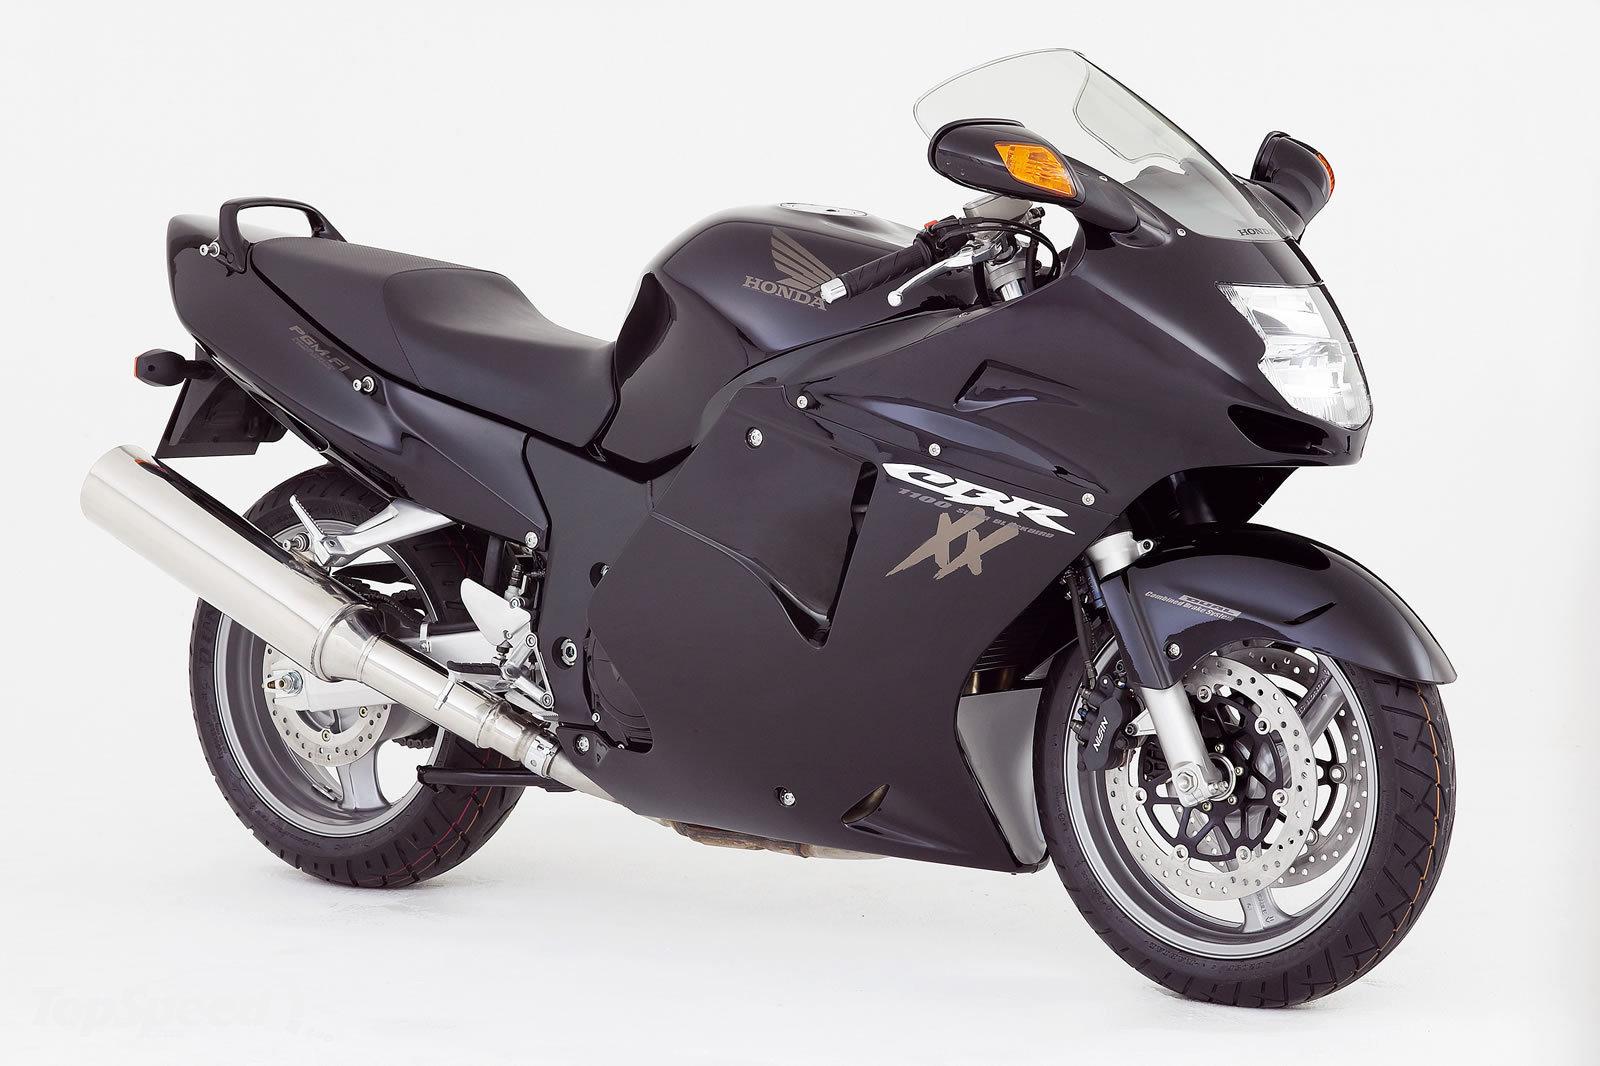 Top 10 best motorcycle names